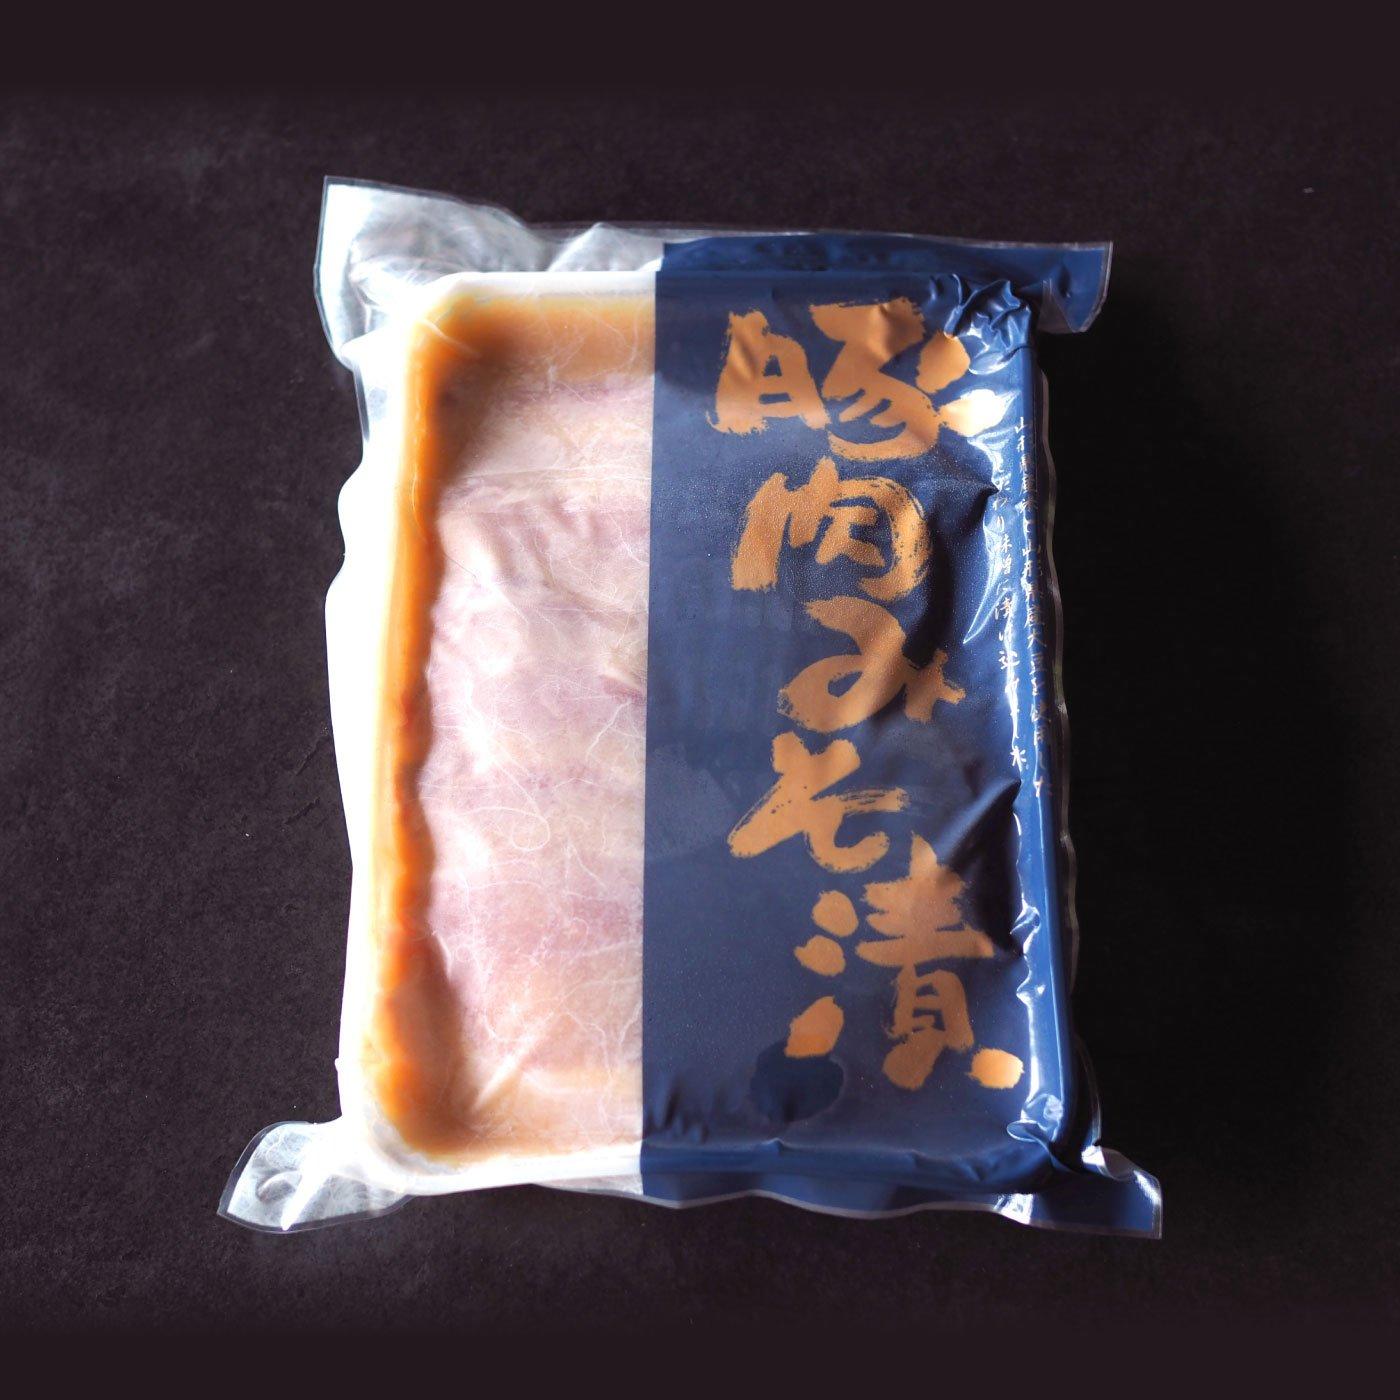 純農の産直 旨味たっぷり濃厚味噌に漬け込んだ山形豚ロース味噌漬け500g